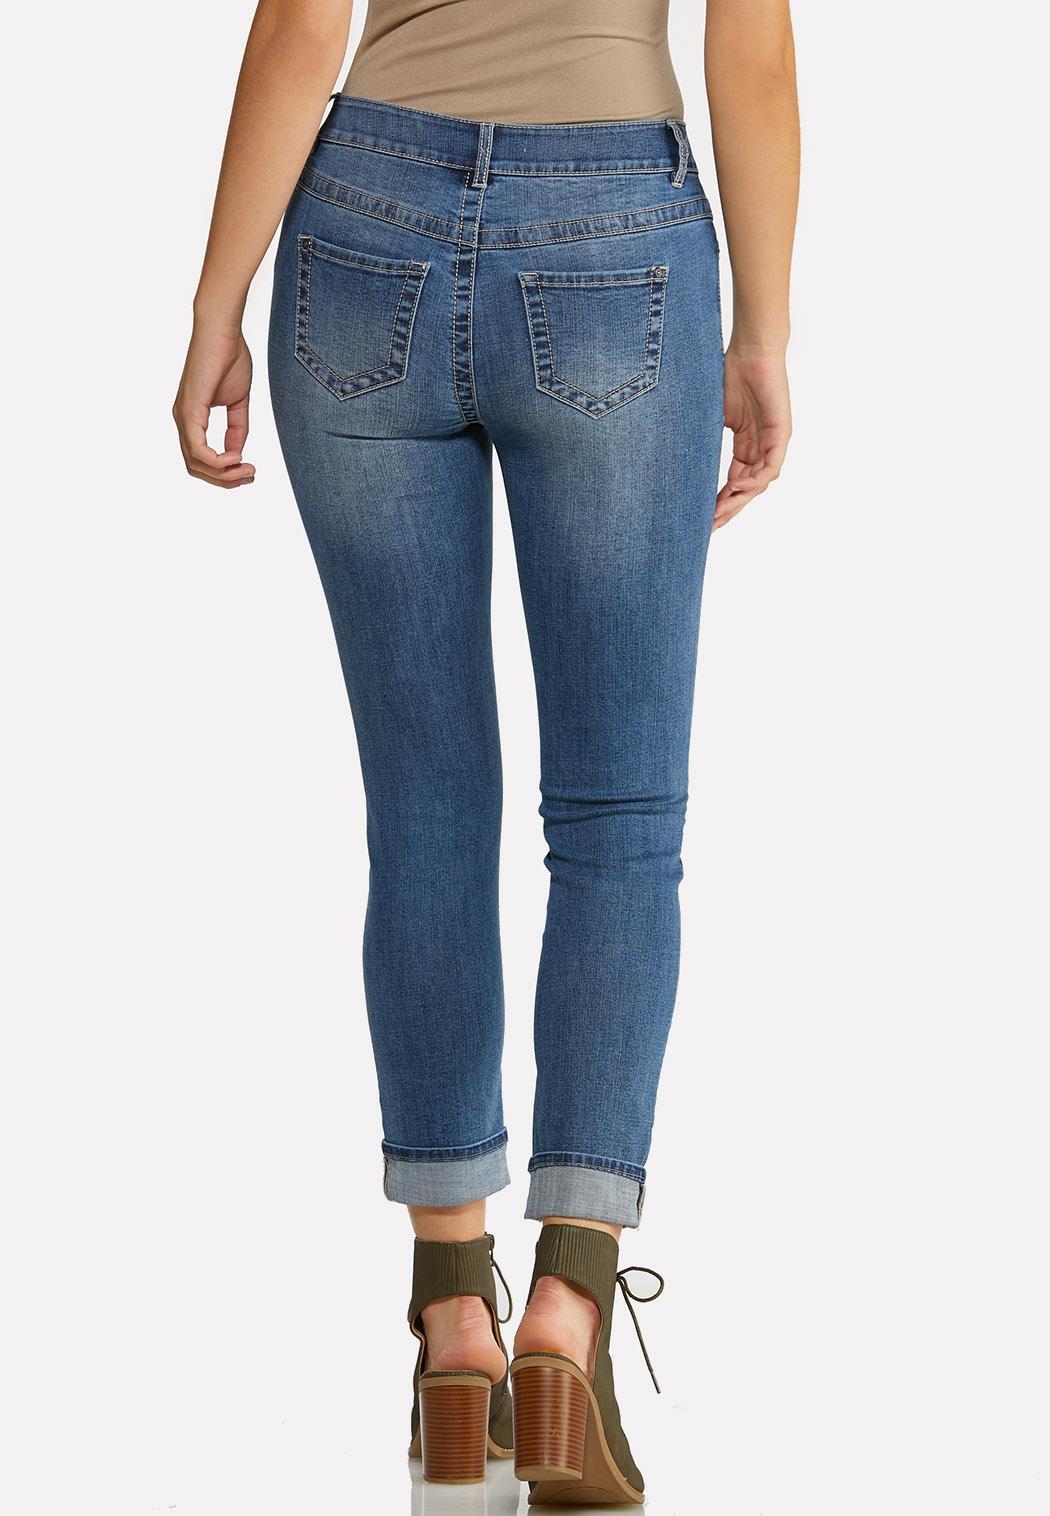 Camo Patch Skinny Jeans (Item #43992130)